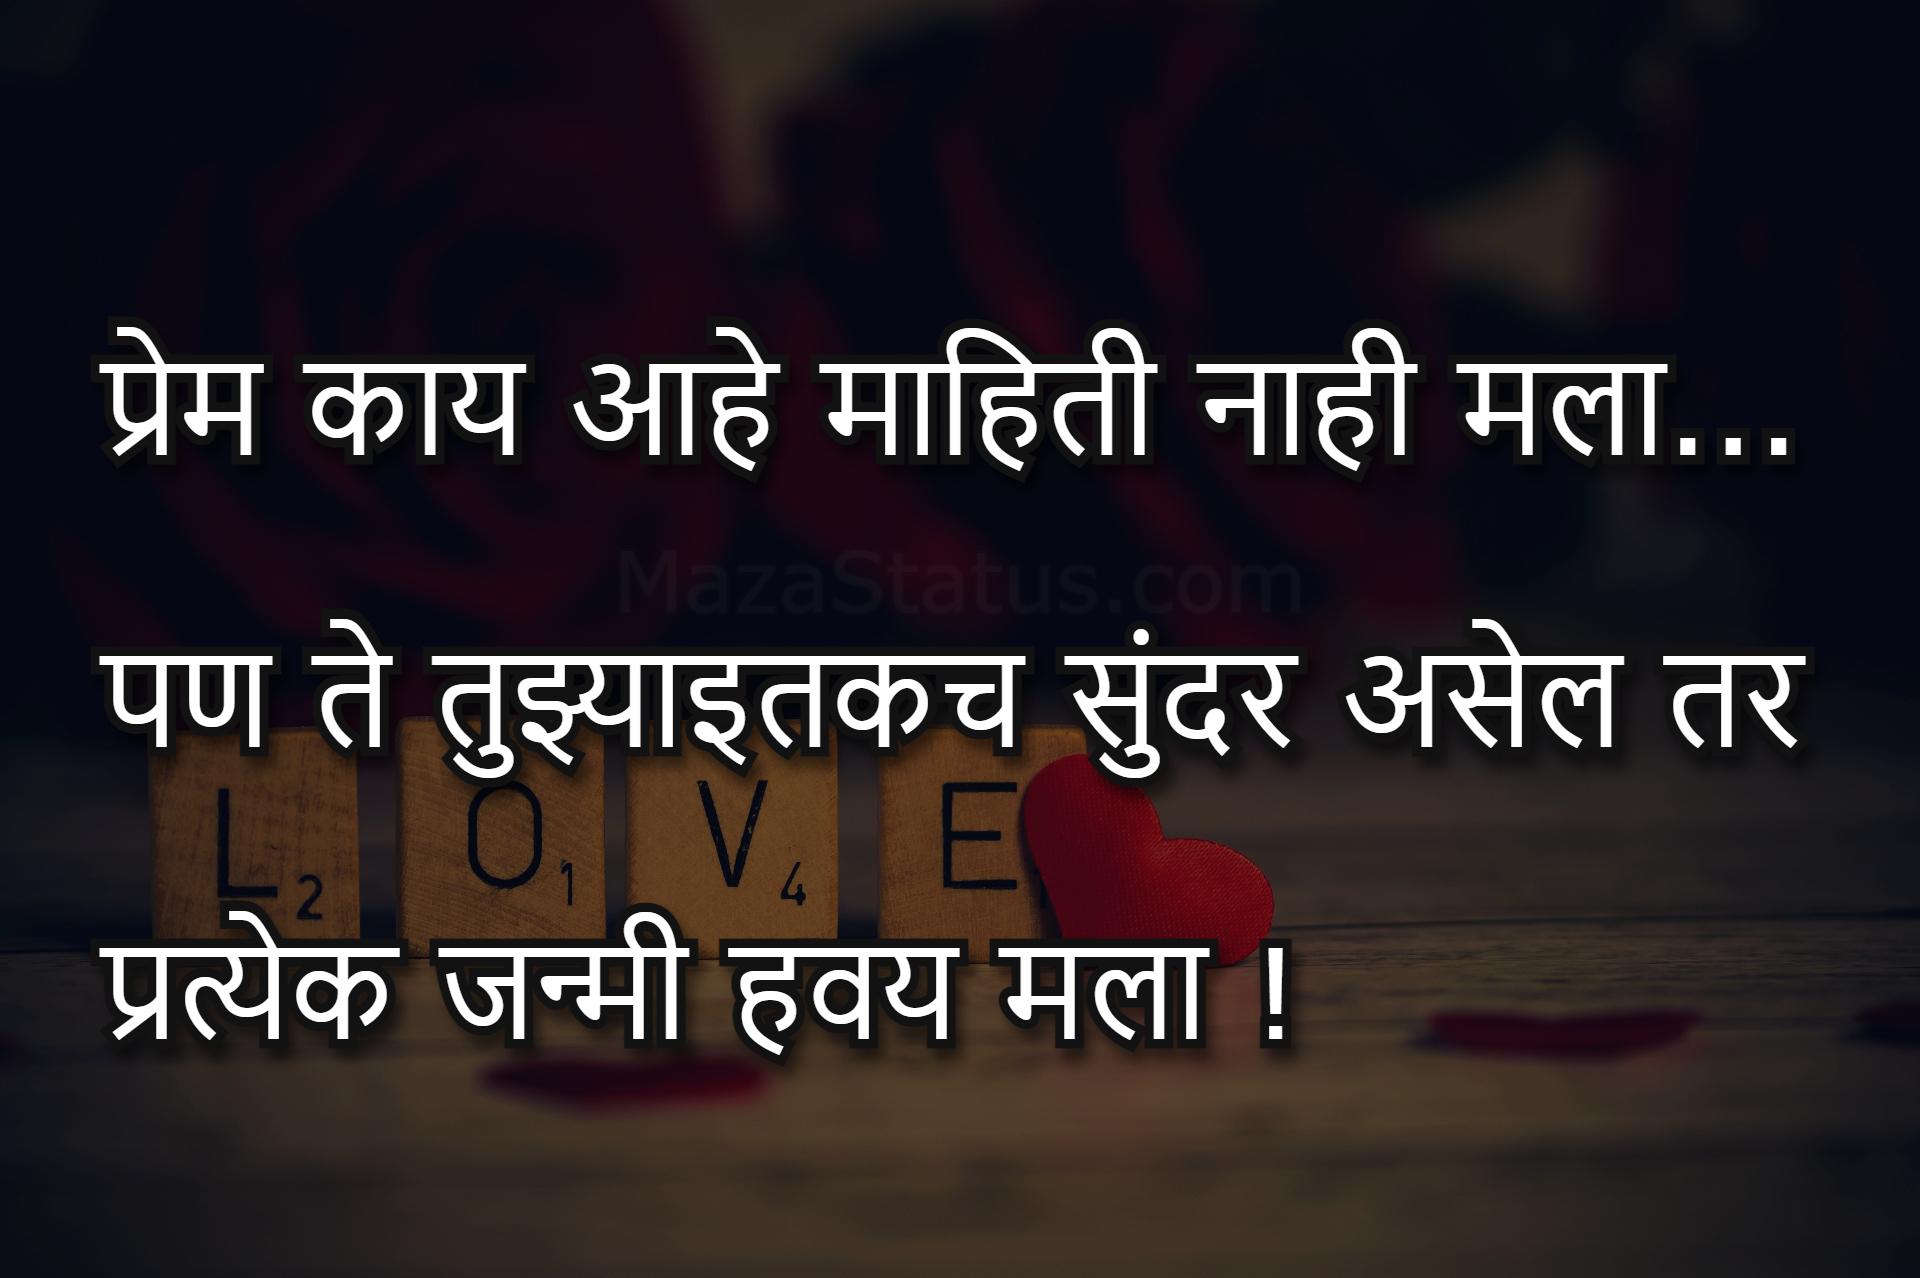 Marathi Love Status - Marathi Love Shayari